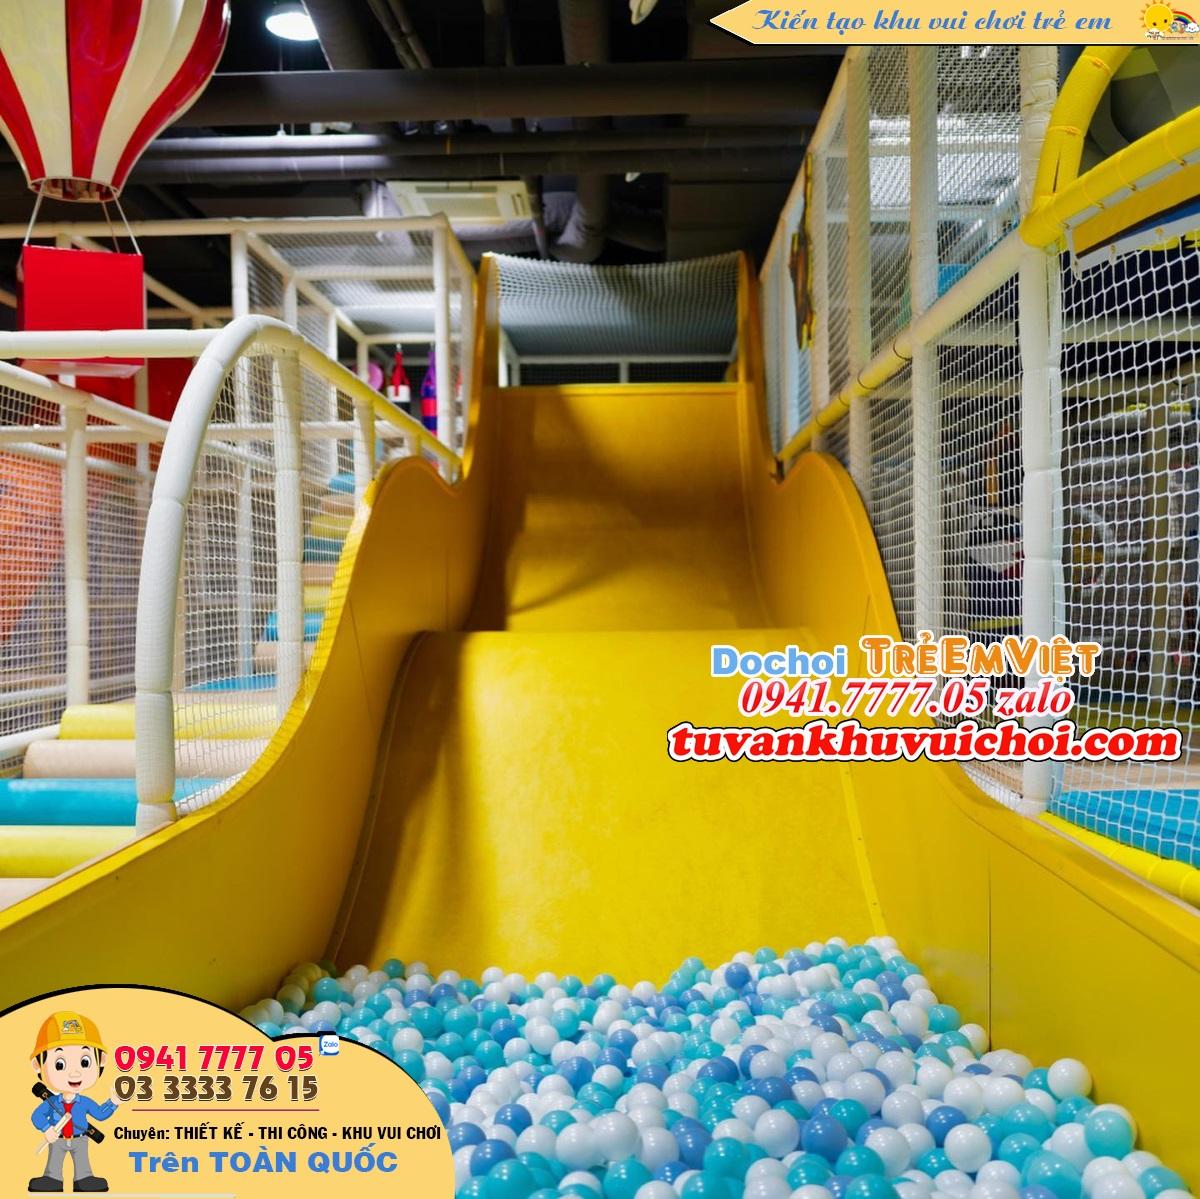 Máng trượt gơn sóng, cao tầng, loại máng trượt mới hiện nay ở các khu vui chơi trẻ em với quy mô lớn.